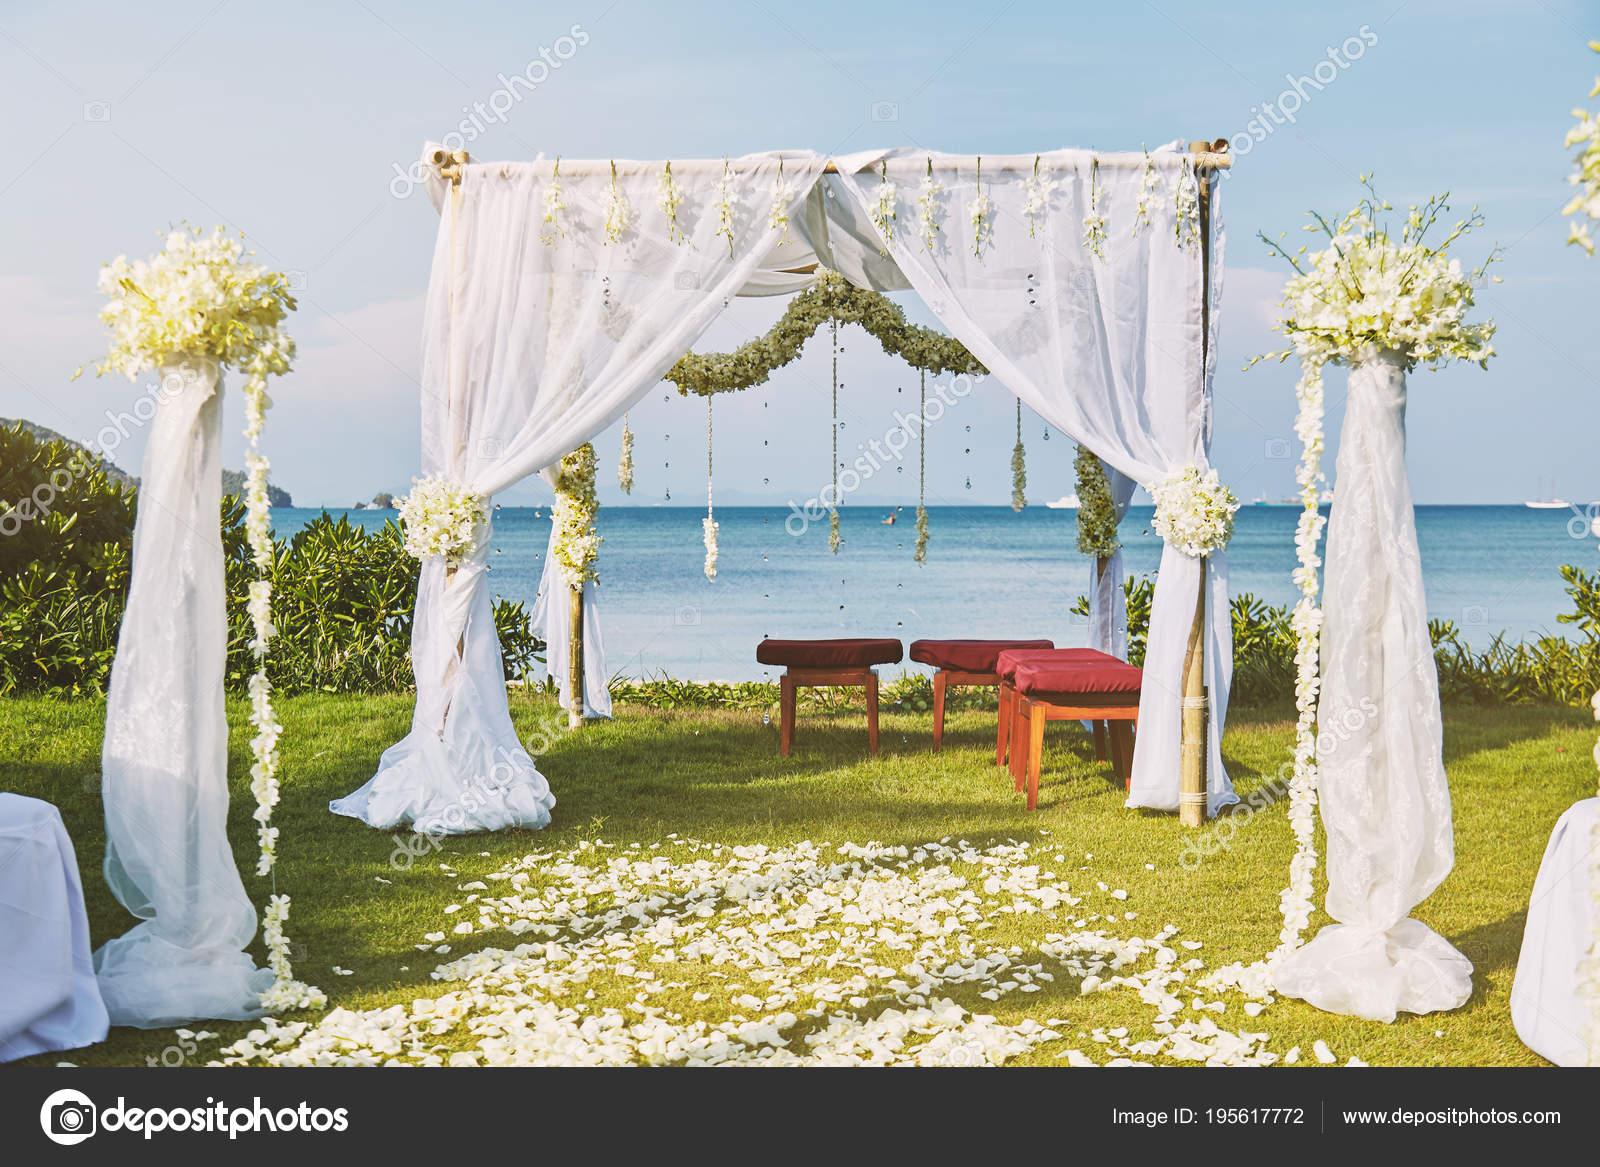 Beautiful beach wedding flower arch setting for wedding venue with ...